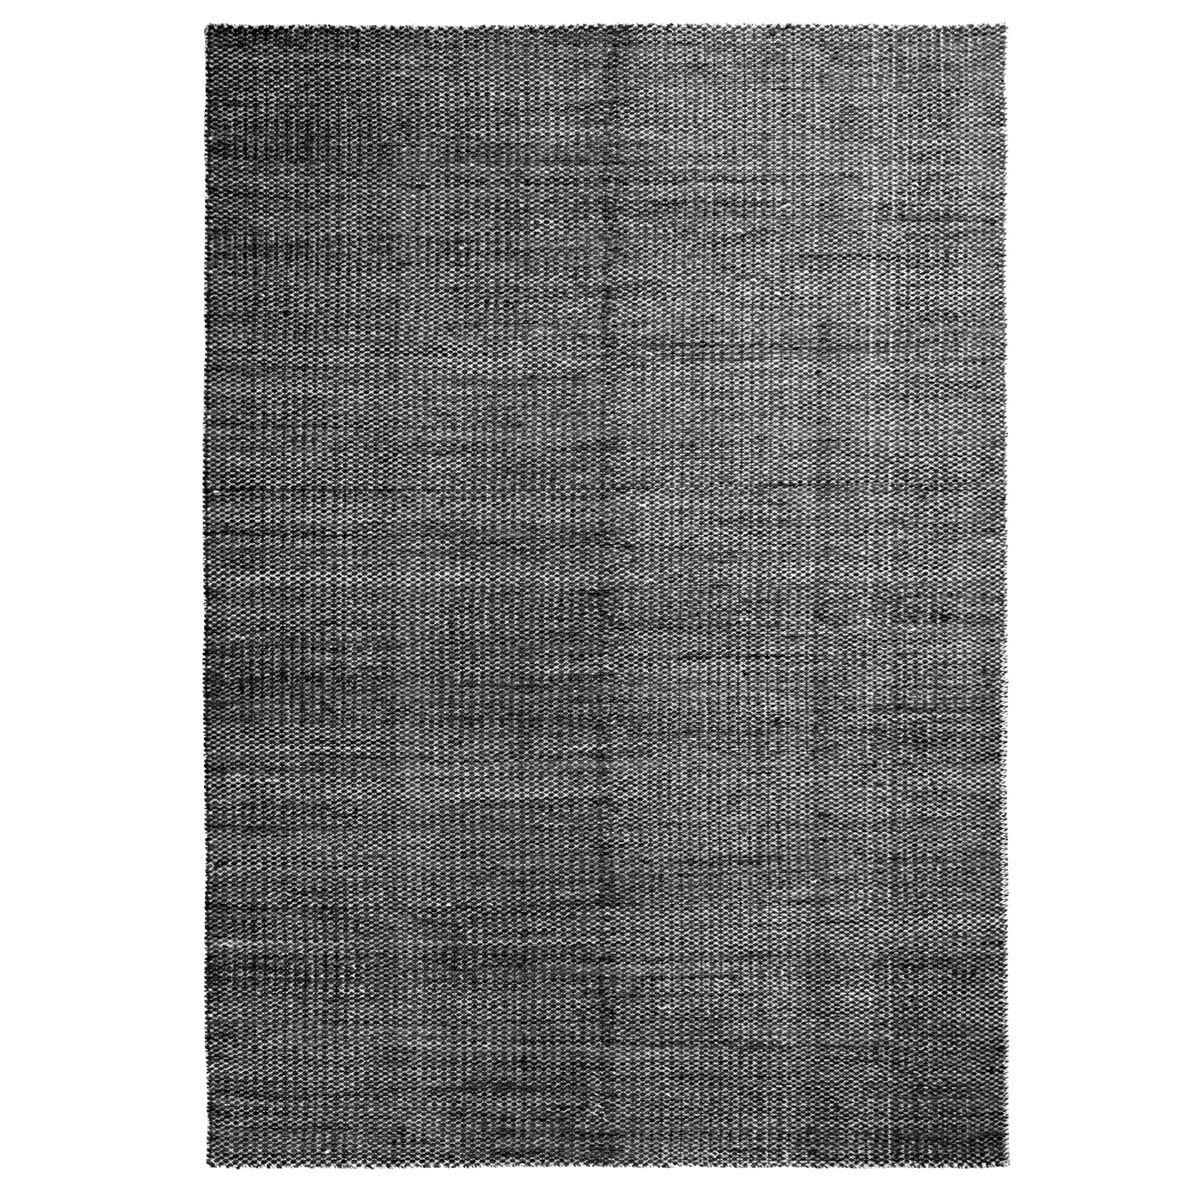 Image of Hay Moiré Kelim matto 140 x 200 cm, musta